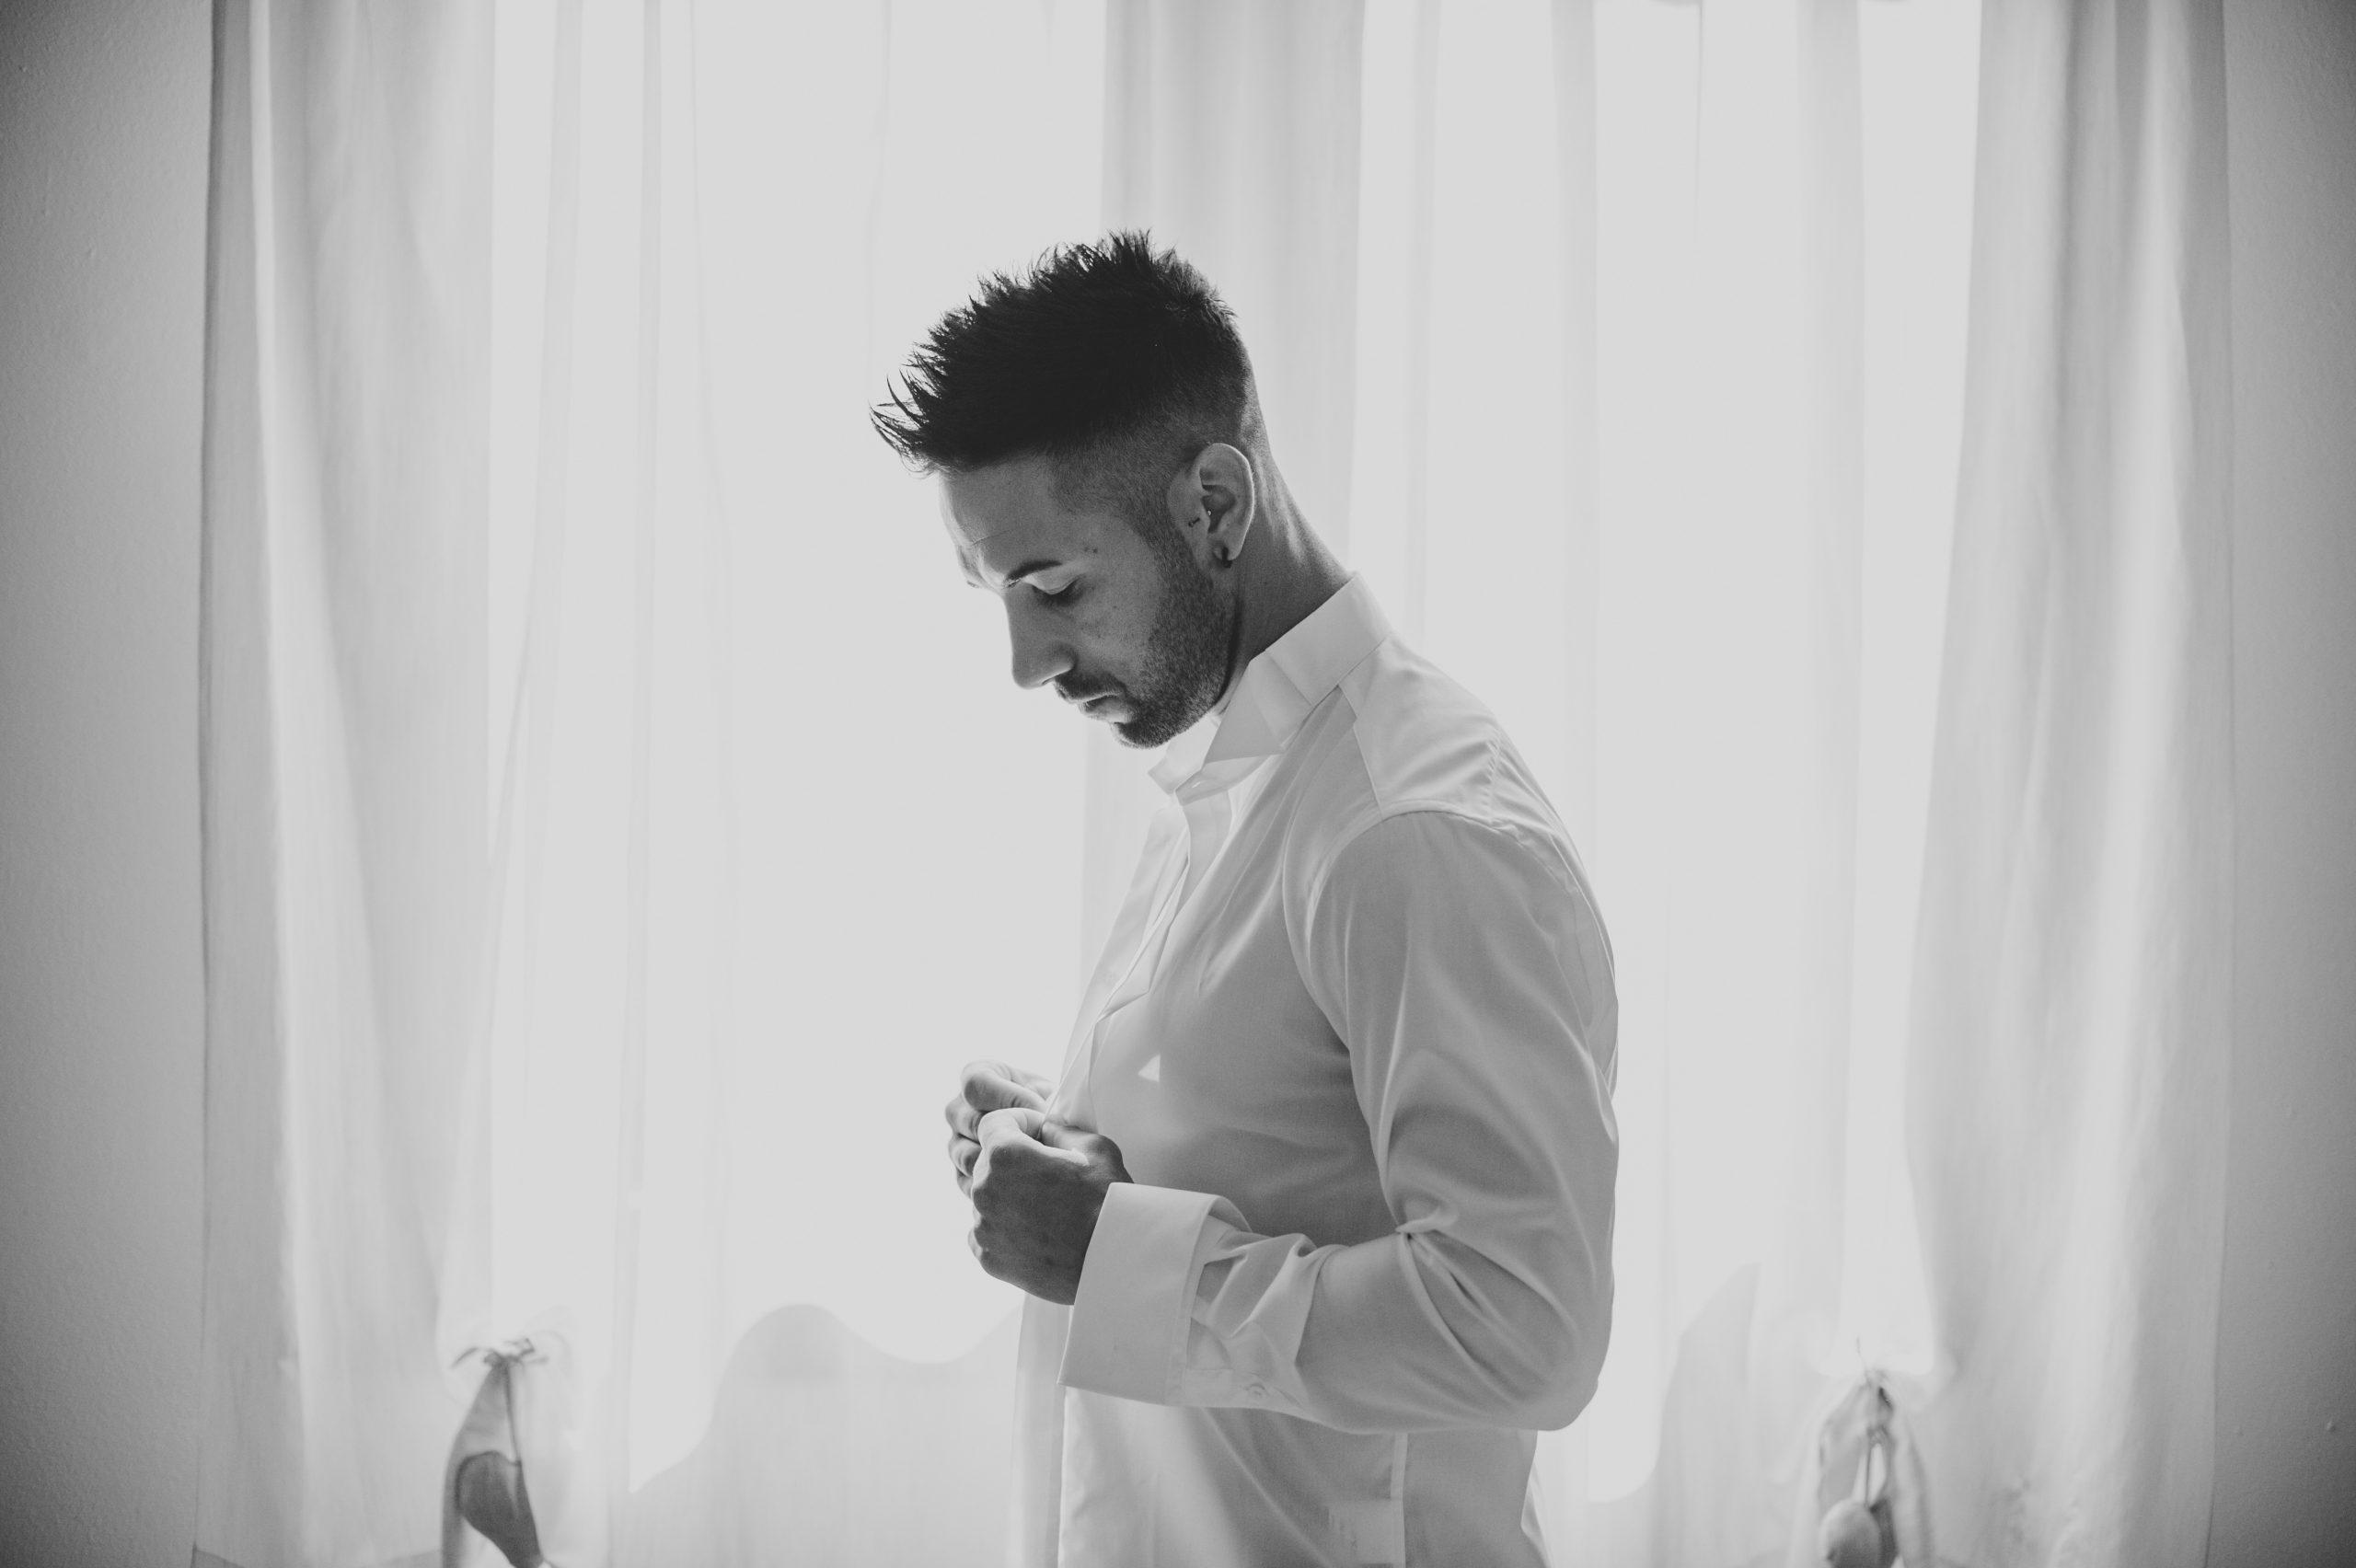 sposo che si abbottona la camicia con una bellissima luce davanti alla finestra